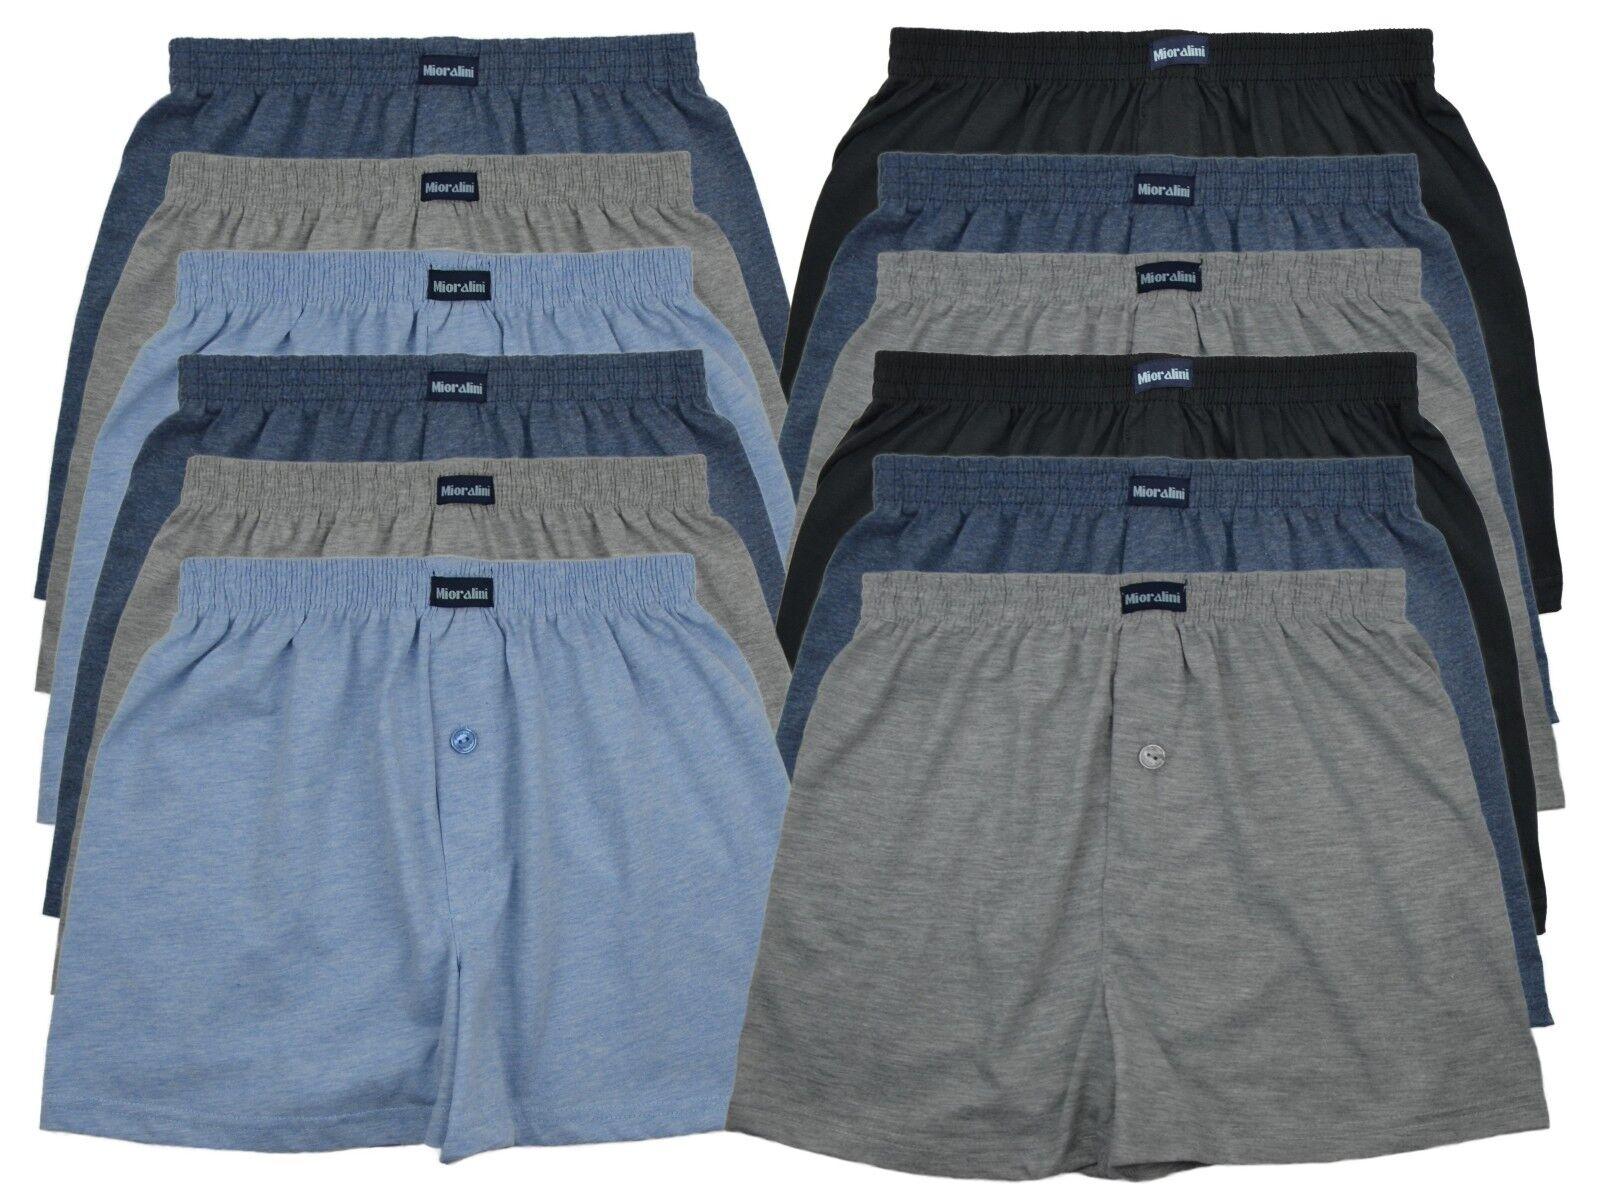 f2c1f712b4 TOPANGEBOT ♛ 6 oder 12 Herren Boxershorts Boxer Shorts Pants Short  Unterhose*